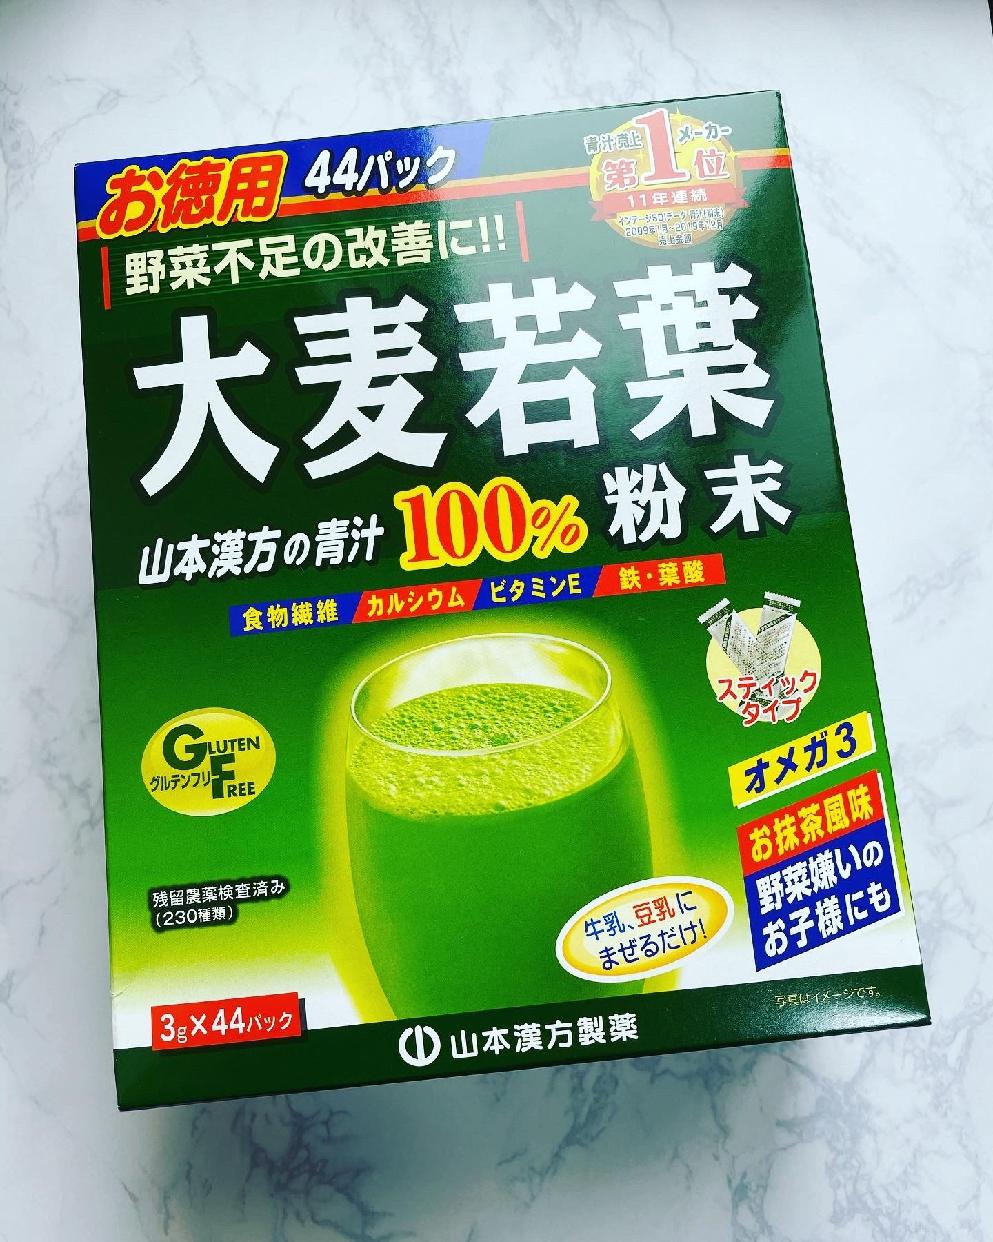 山本漢方製薬(やまもとかんぽうせいやく)大麦若葉 粉末100%を使った ボンレスハム太郎さんのクチコミ画像